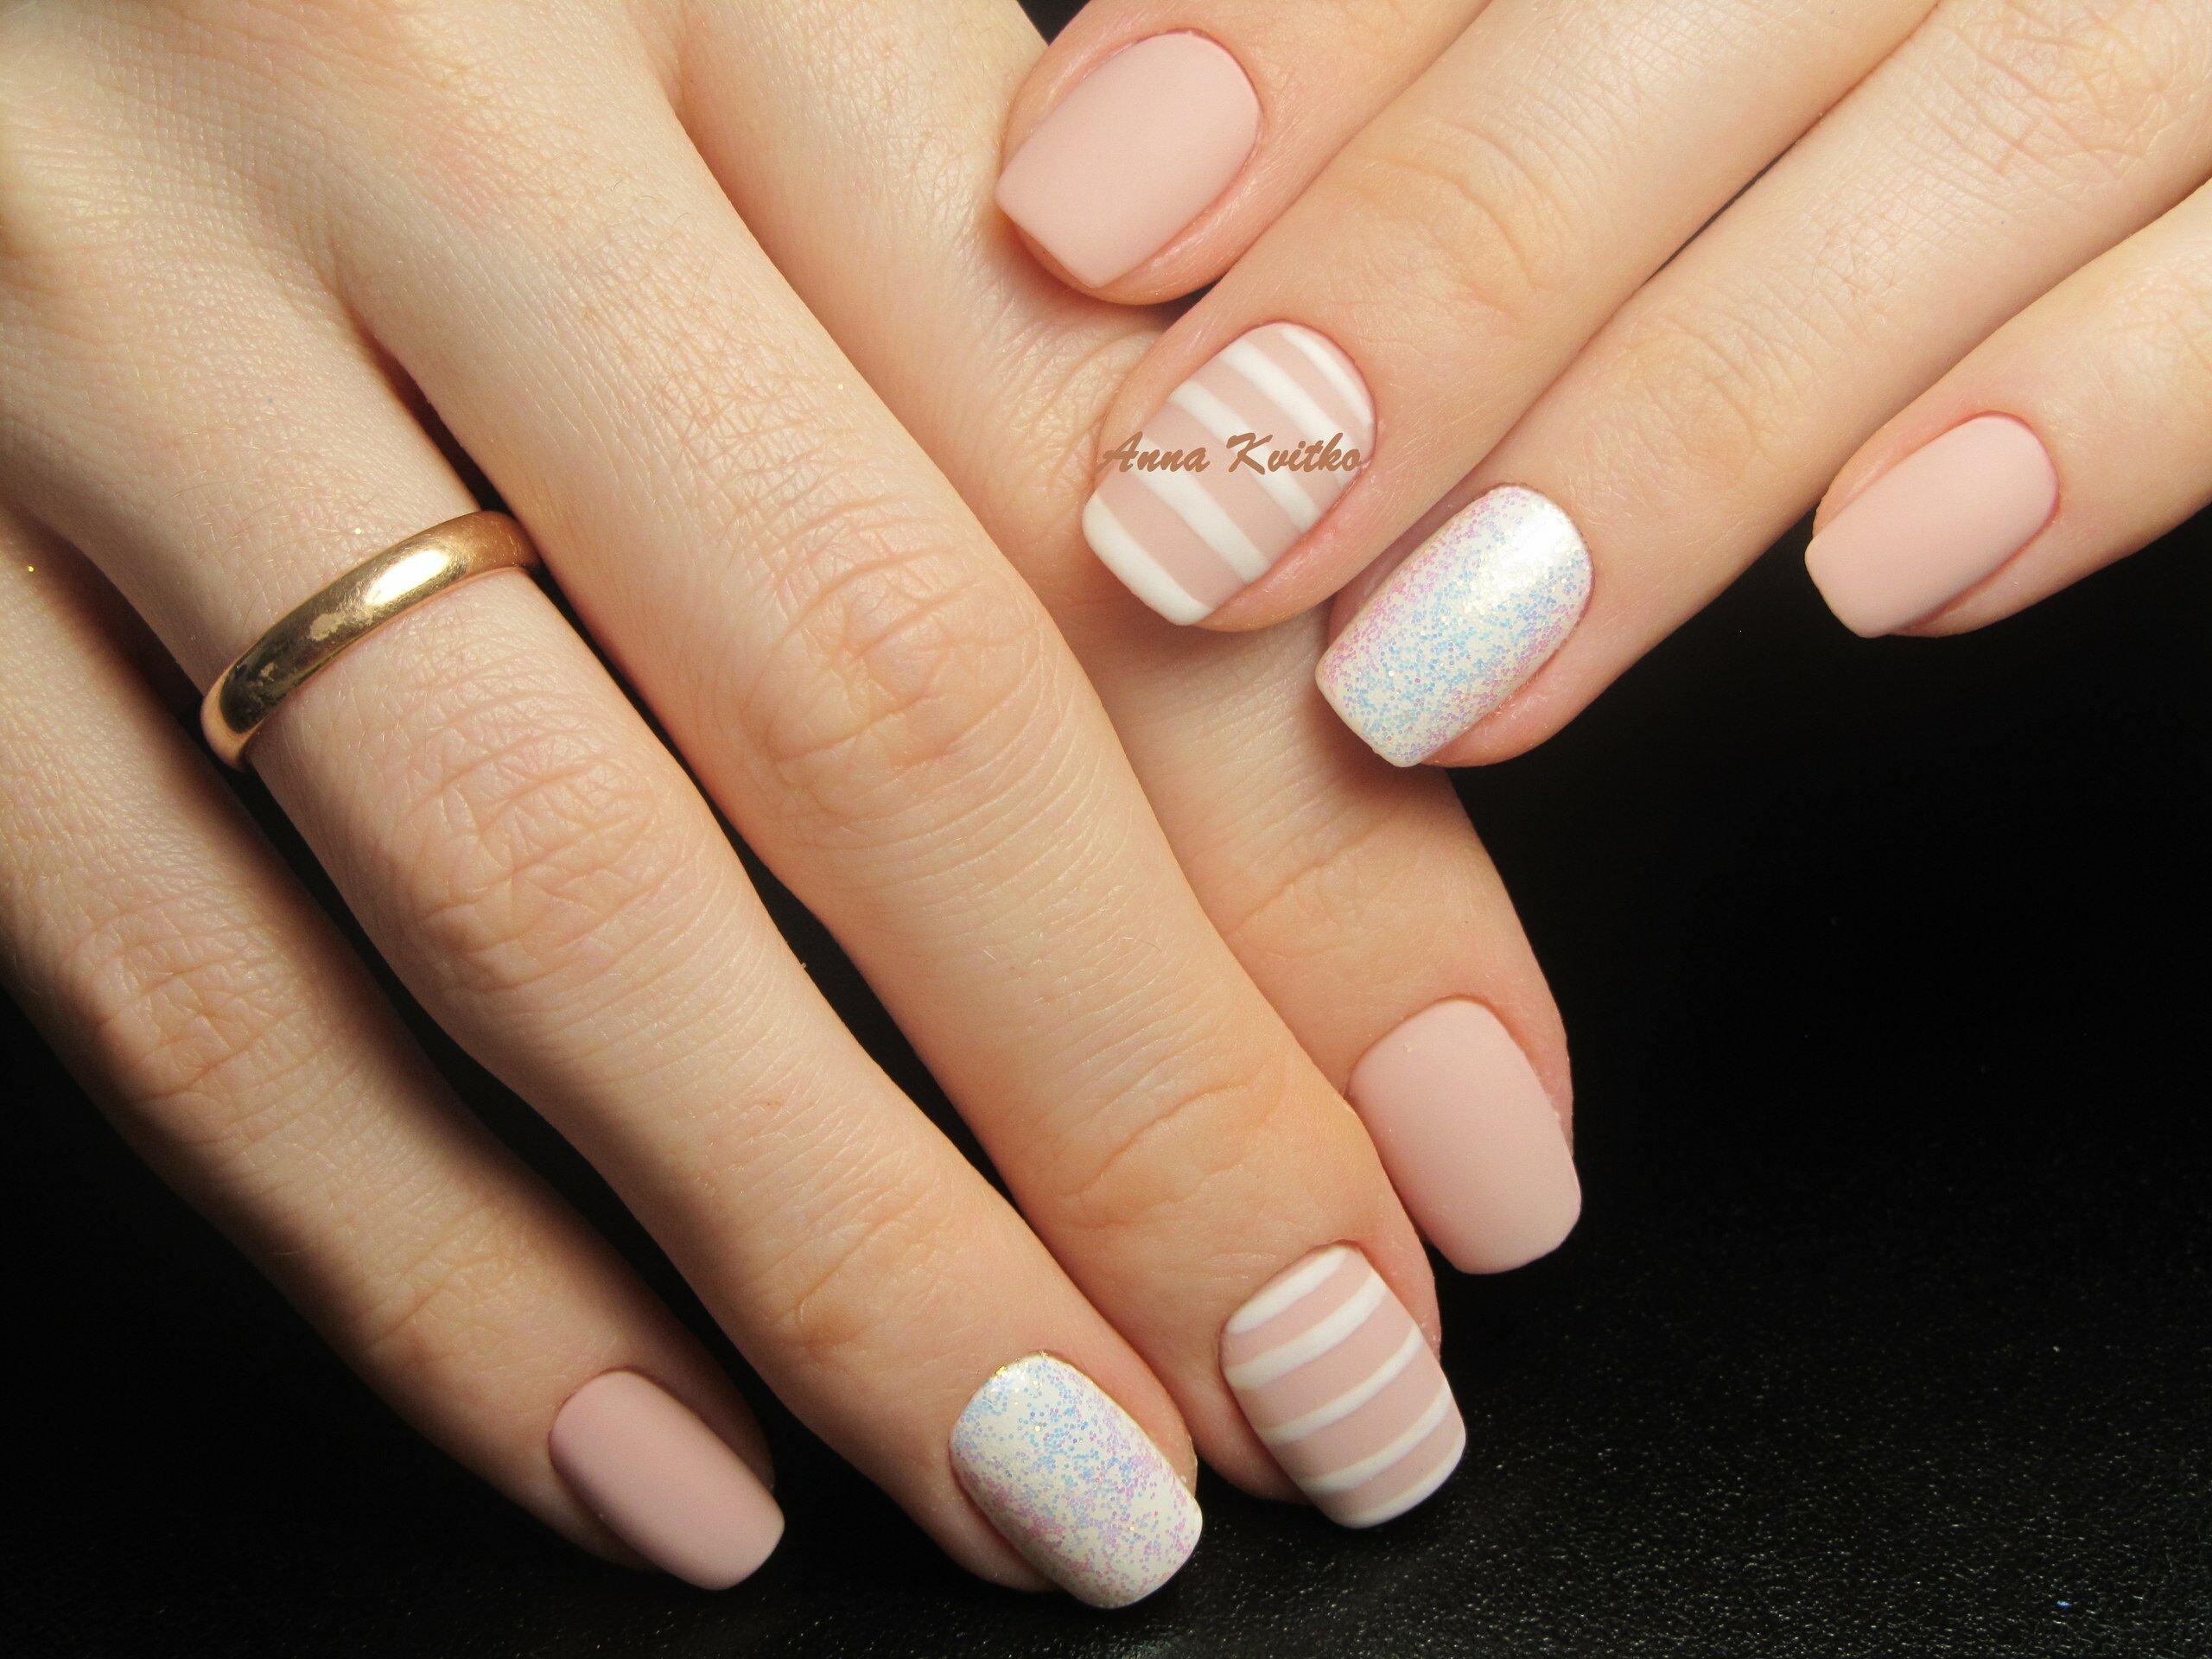 фото ногтей светлых оттенков